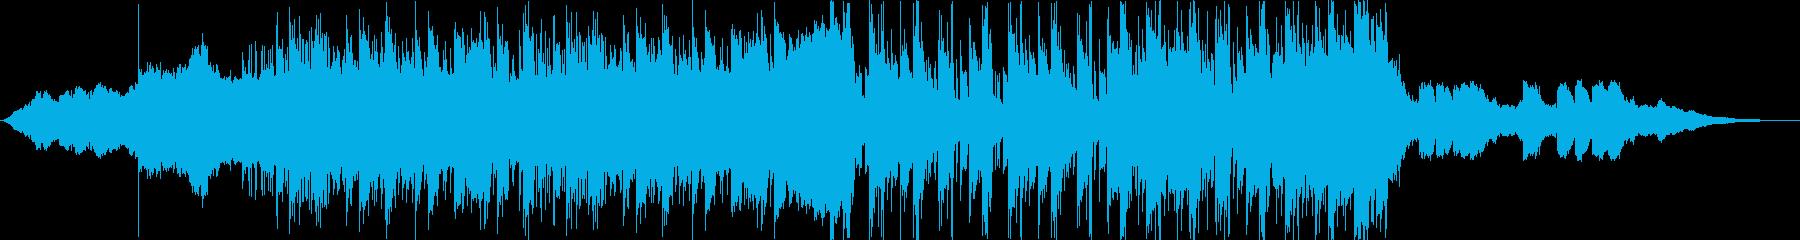 海外風Vlog等動画向けのエレクトロニカの再生済みの波形